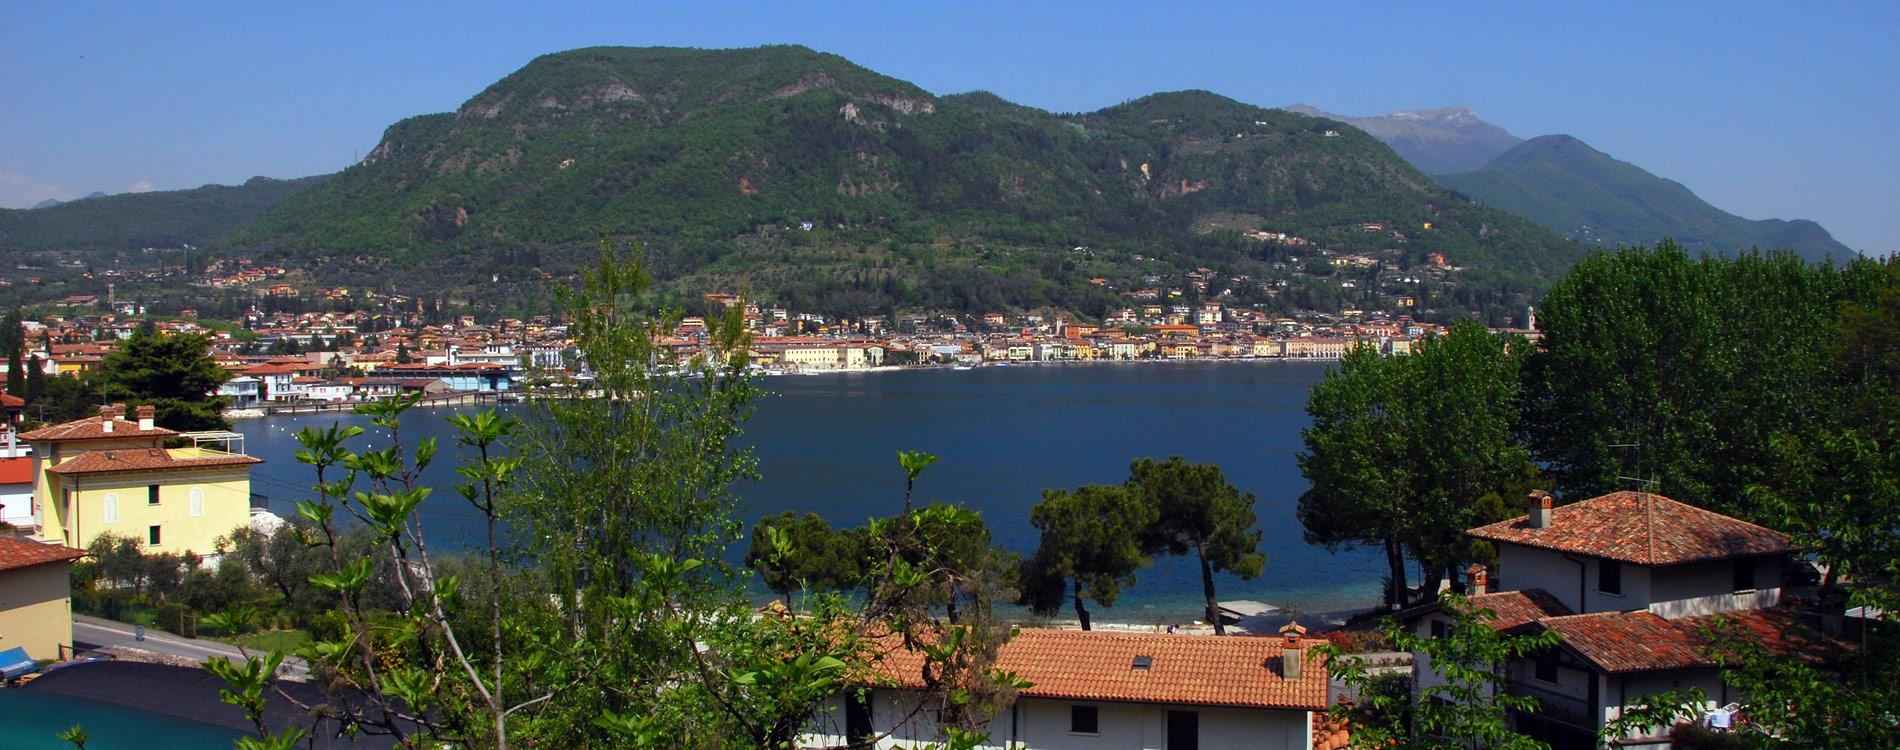 Villa Malcesine Lake Garda